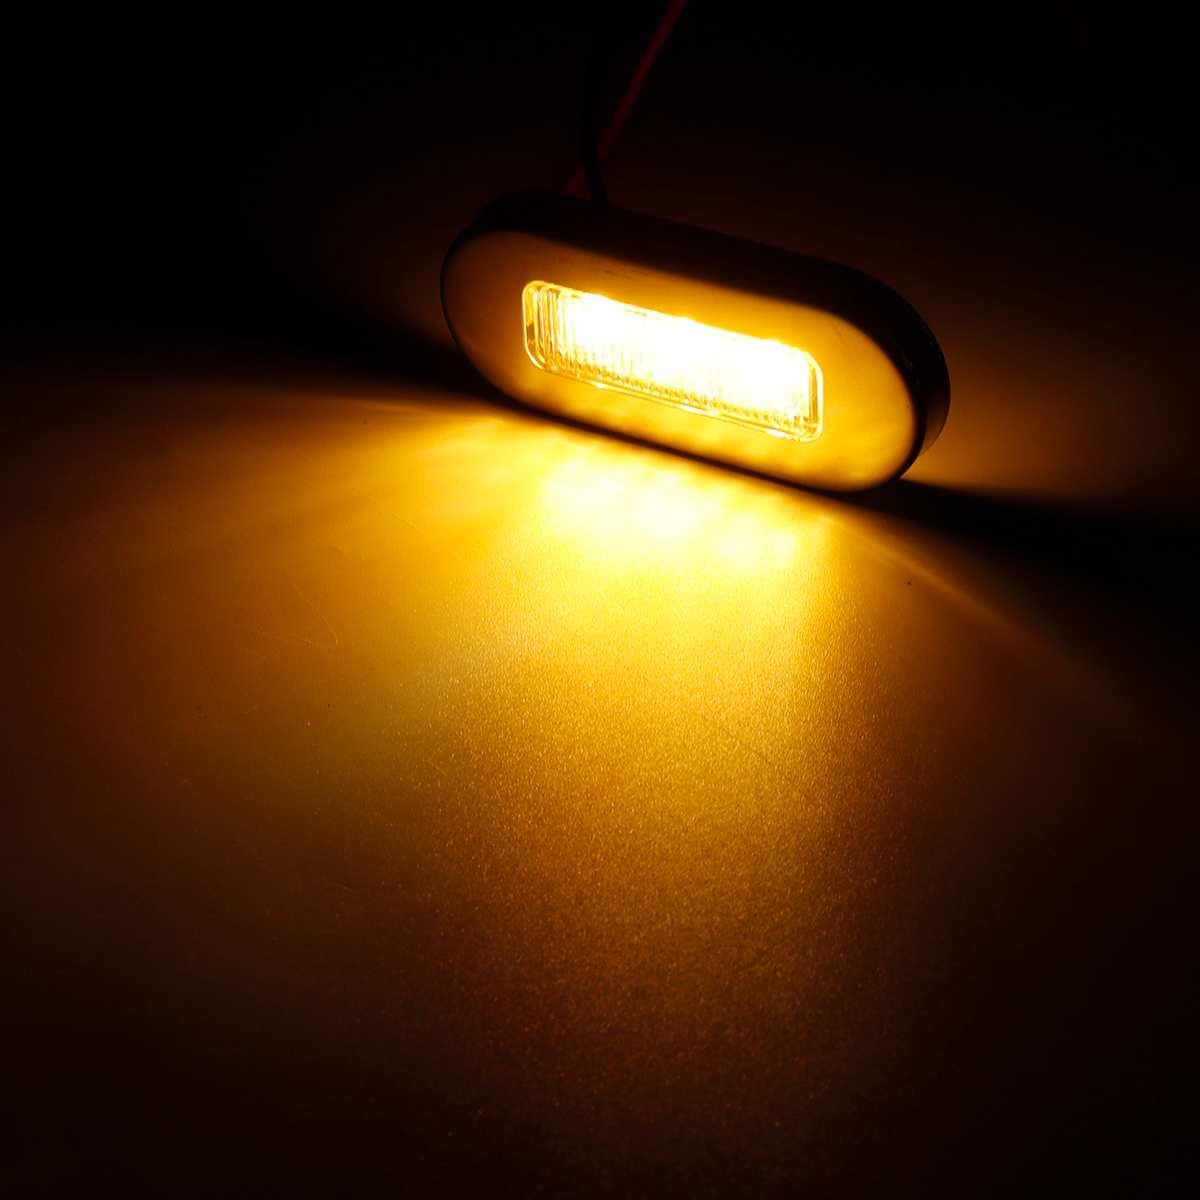 indicadoras turn signal iluminação marinha barco lanterna traseira